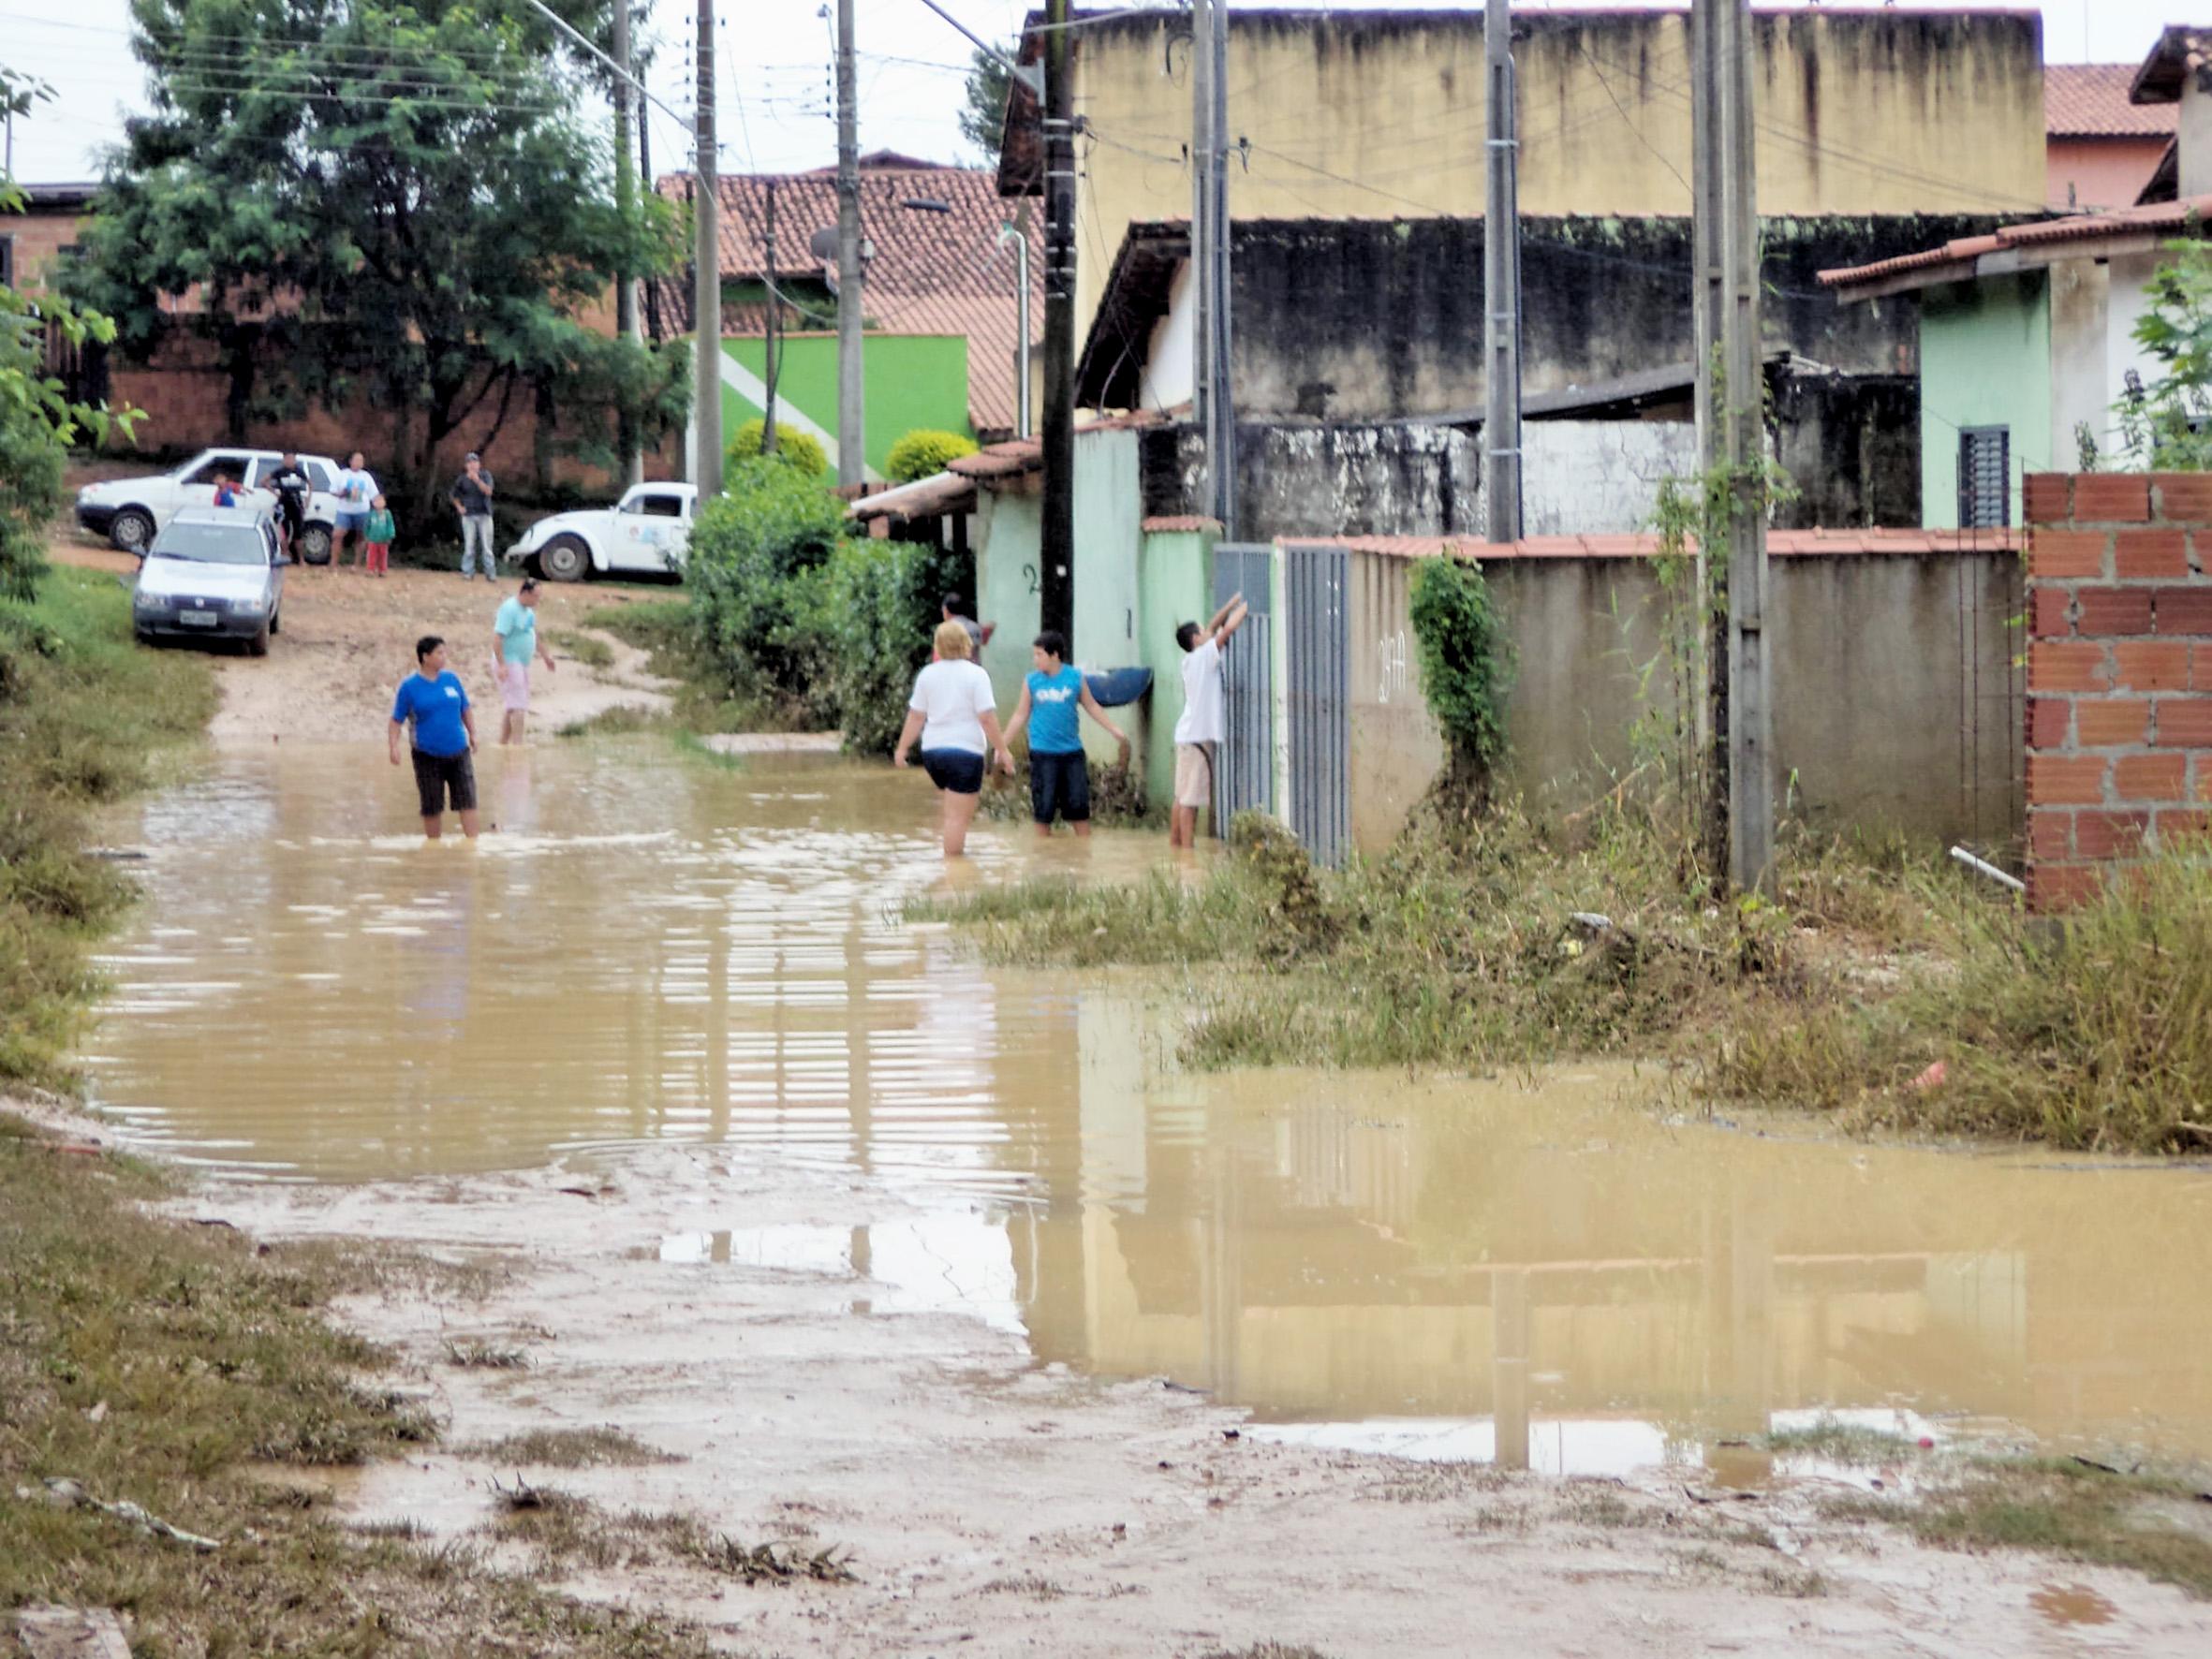 Enchente em Guaratinguetá gerou perdas a moradores em 2014; região é rastreada pela Defesa Civil para evitar novas catástrofes (Foto: Arquivo Atos)